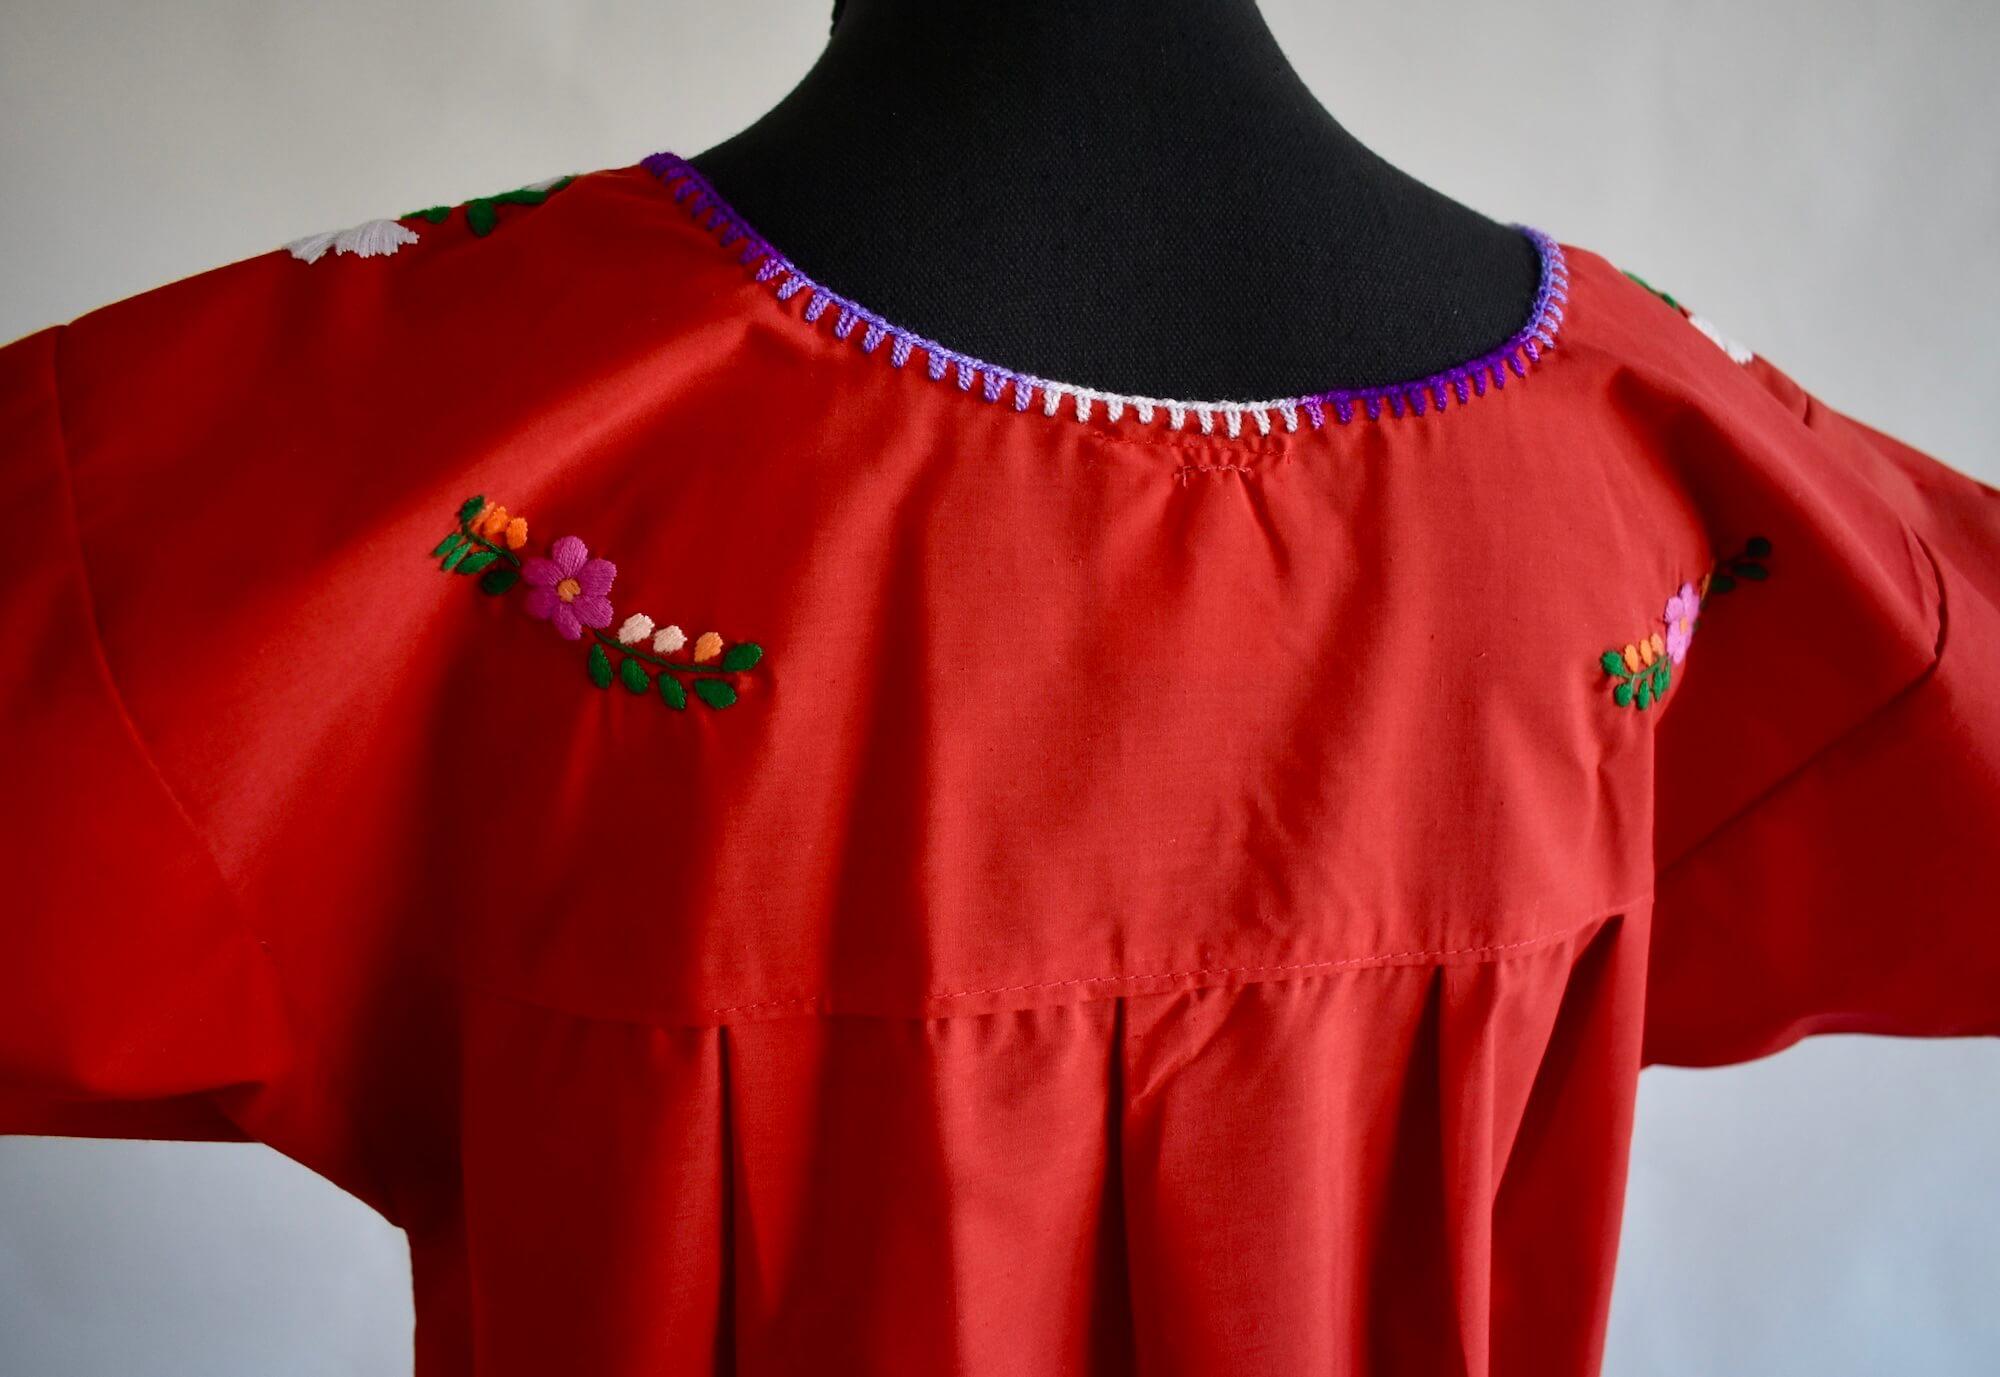 Rüyada Kırmızı Bluz Giydiğini Görmek